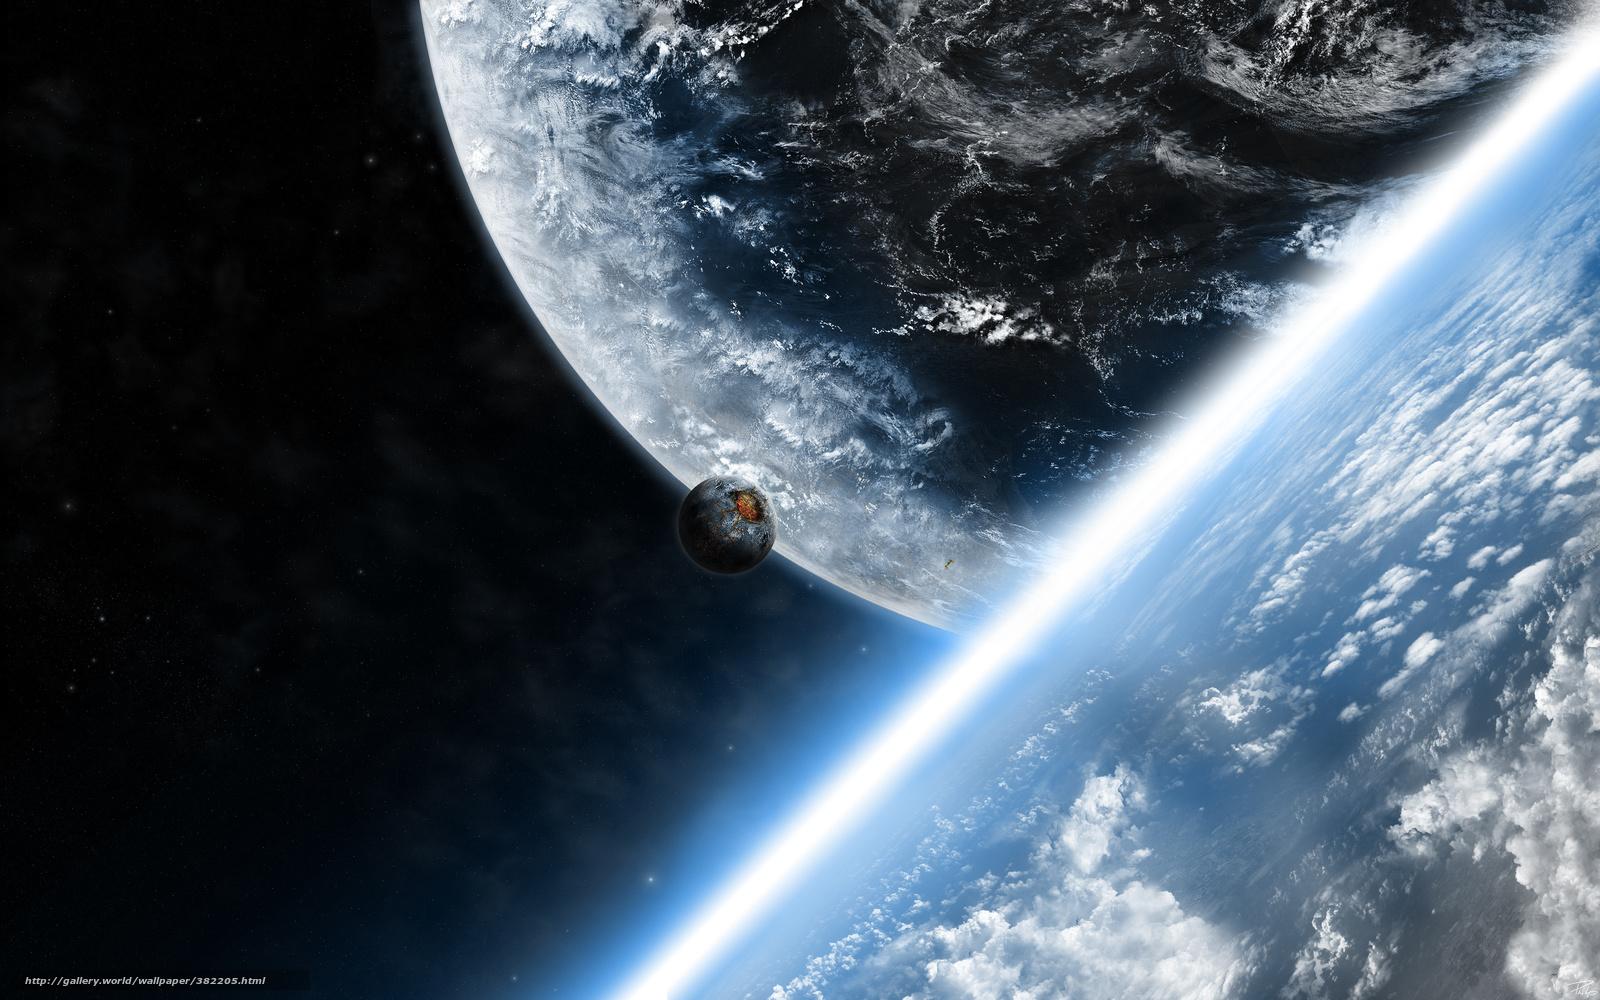 4к обои на рабочий стол космос 1